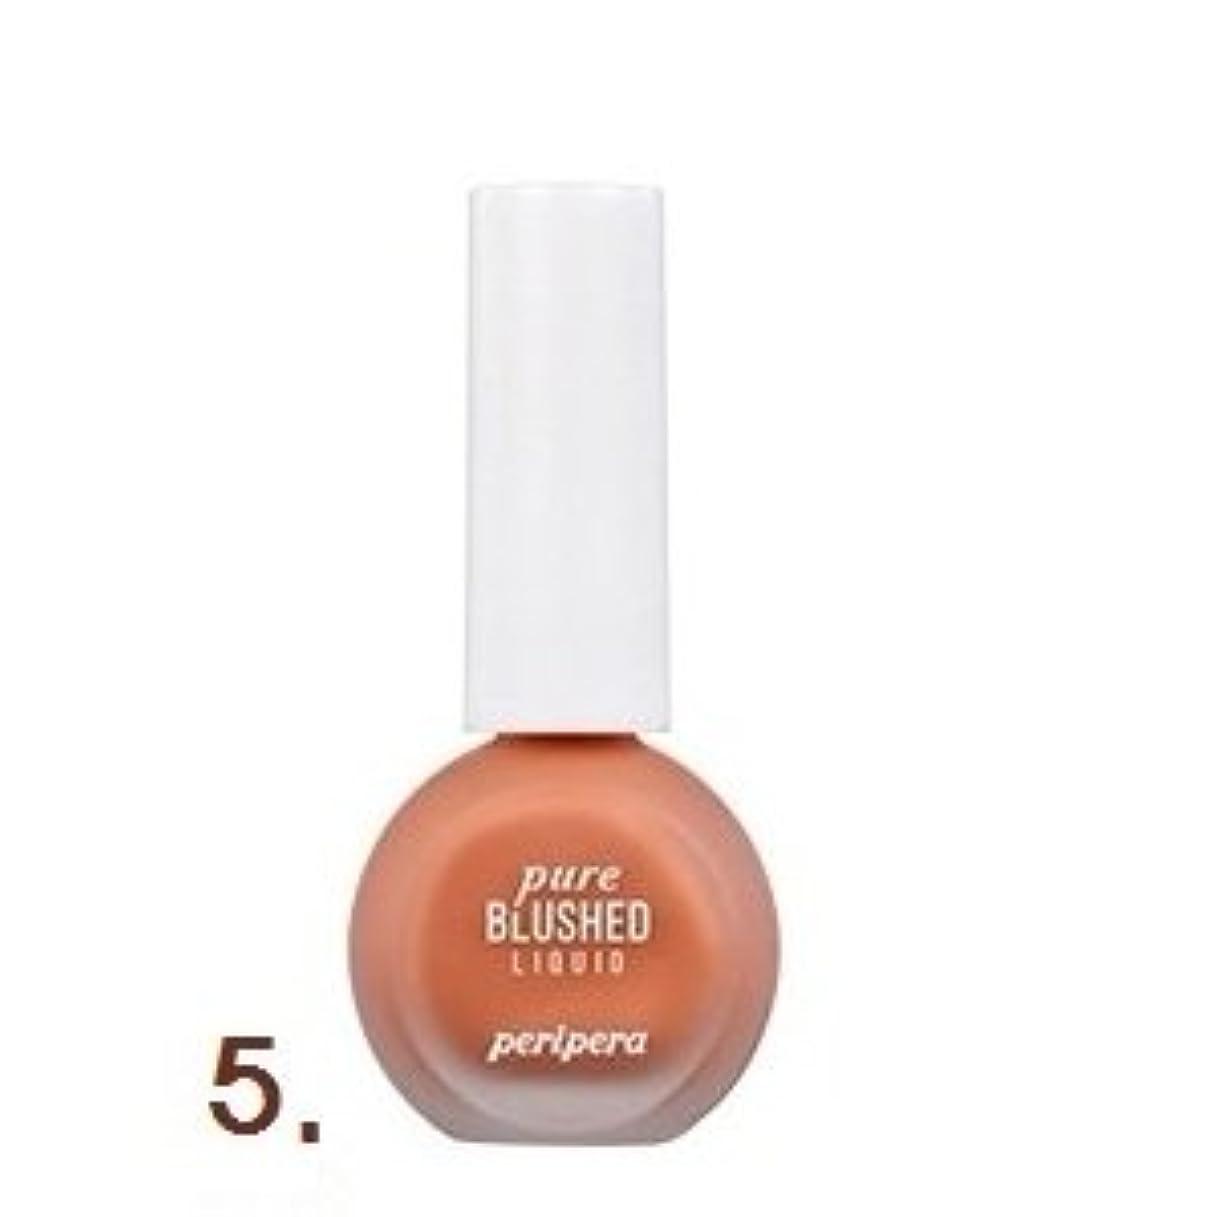 パドル介入する肌寒いPeripera Pure Blushed Liquid Cheek #5 Chic cinnamon/ペリペラ ピュア ブラッシュ リキッド チーク [並行輸入品]